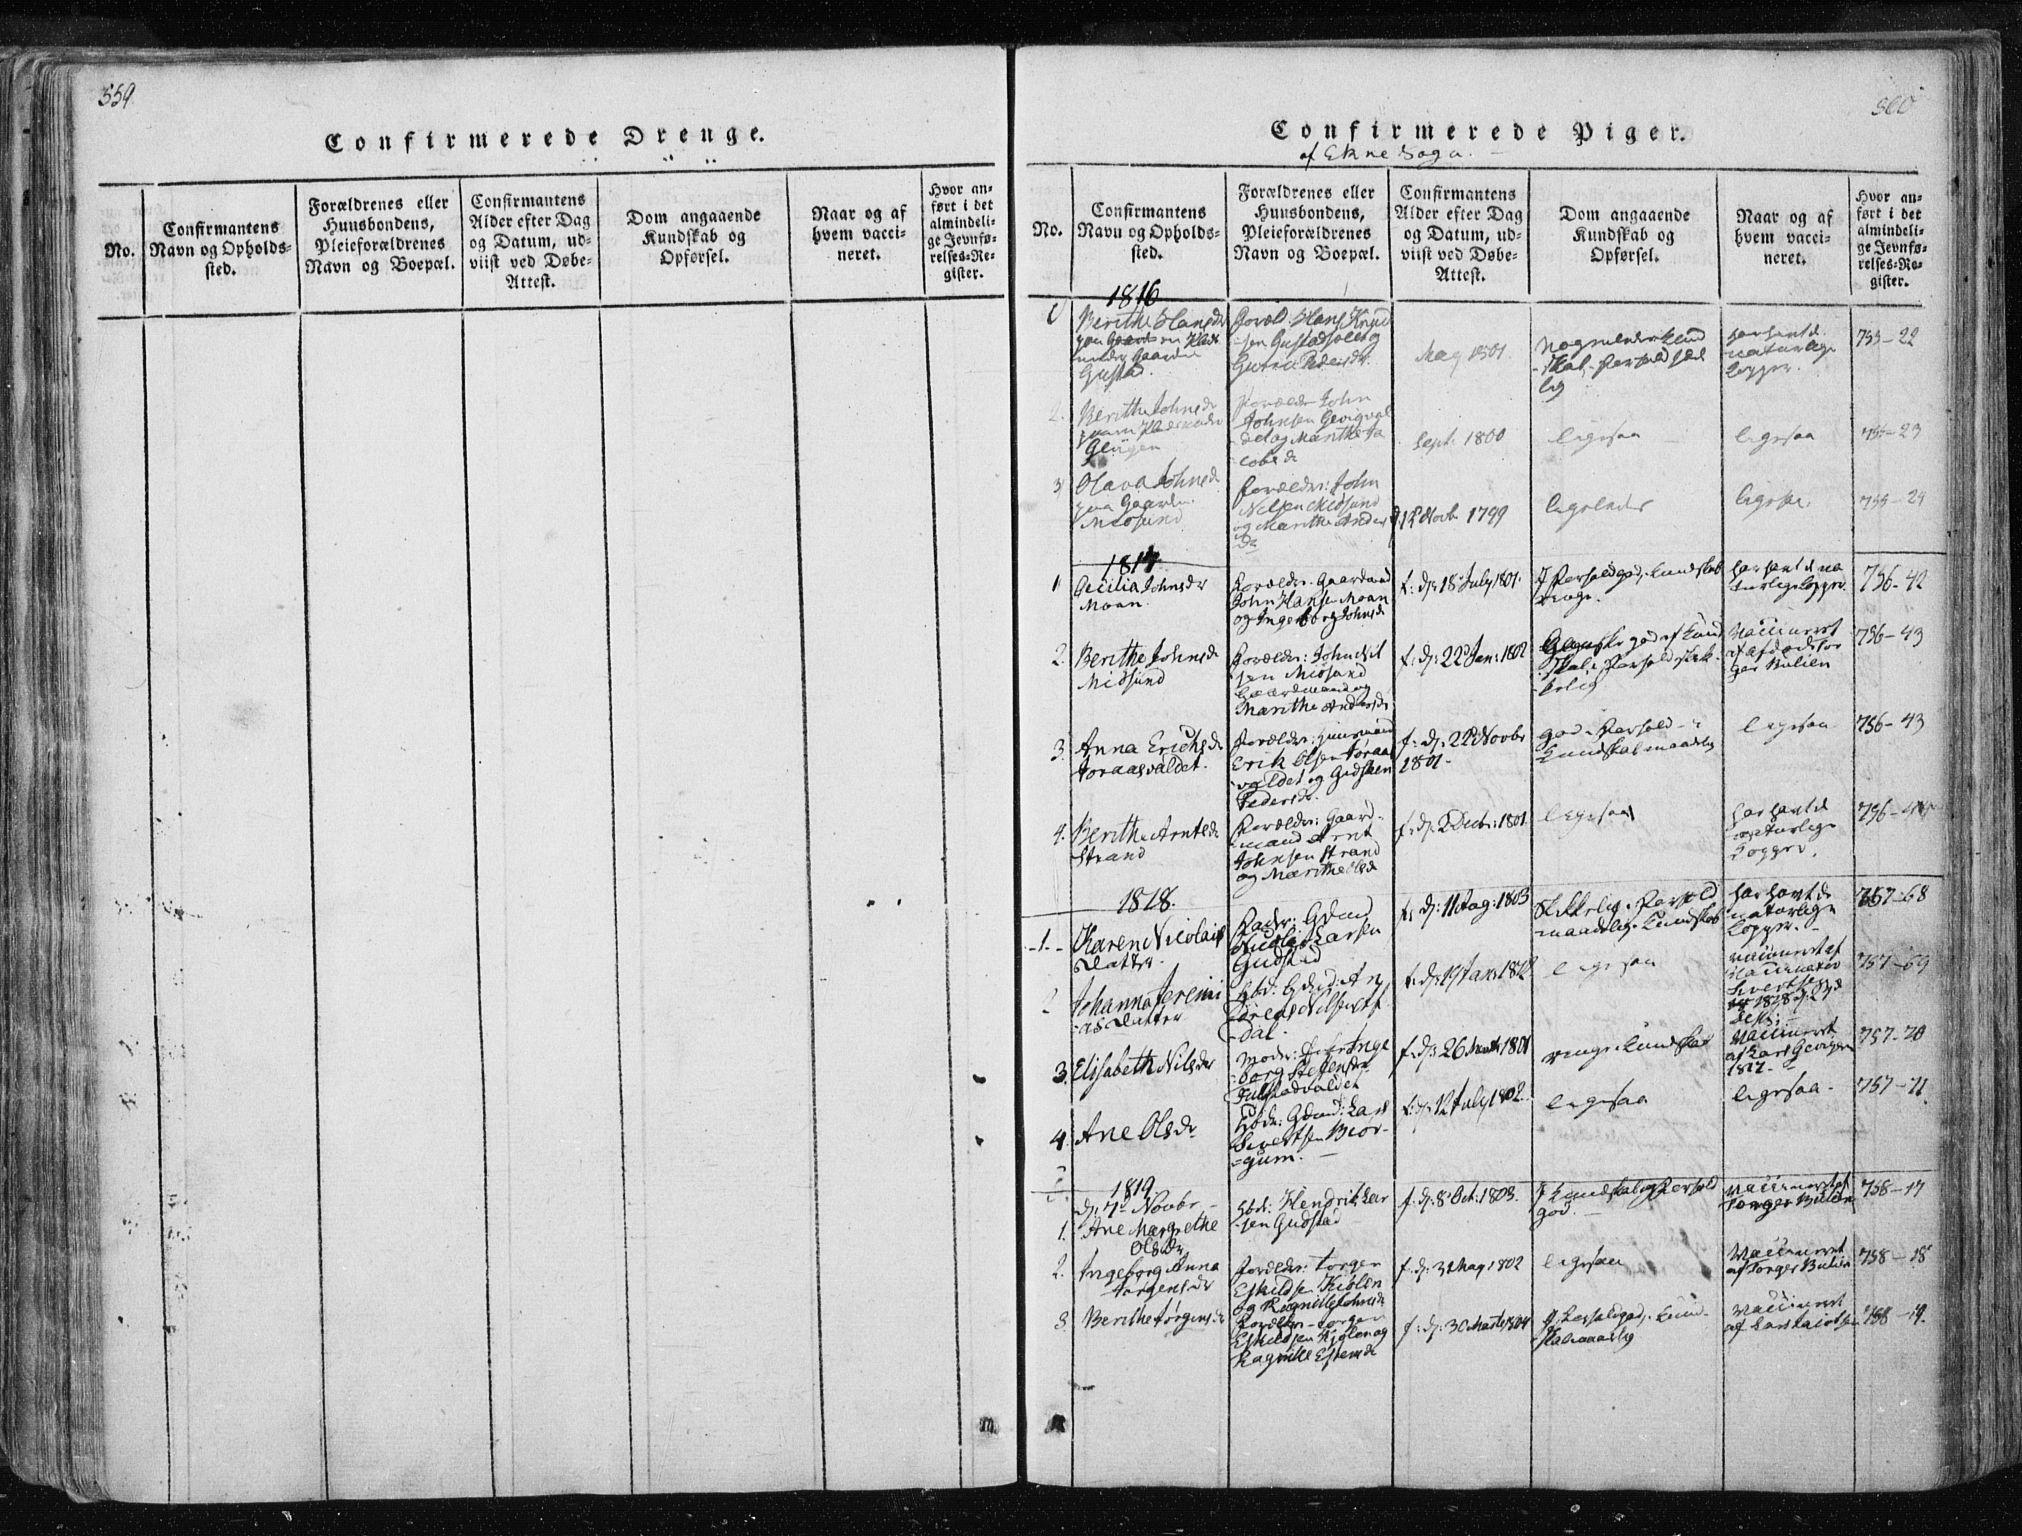 SAT, Ministerialprotokoller, klokkerbøker og fødselsregistre - Nord-Trøndelag, 717/L0148: Ministerialbok nr. 717A04 /3, 1816-1825, s. 559-560